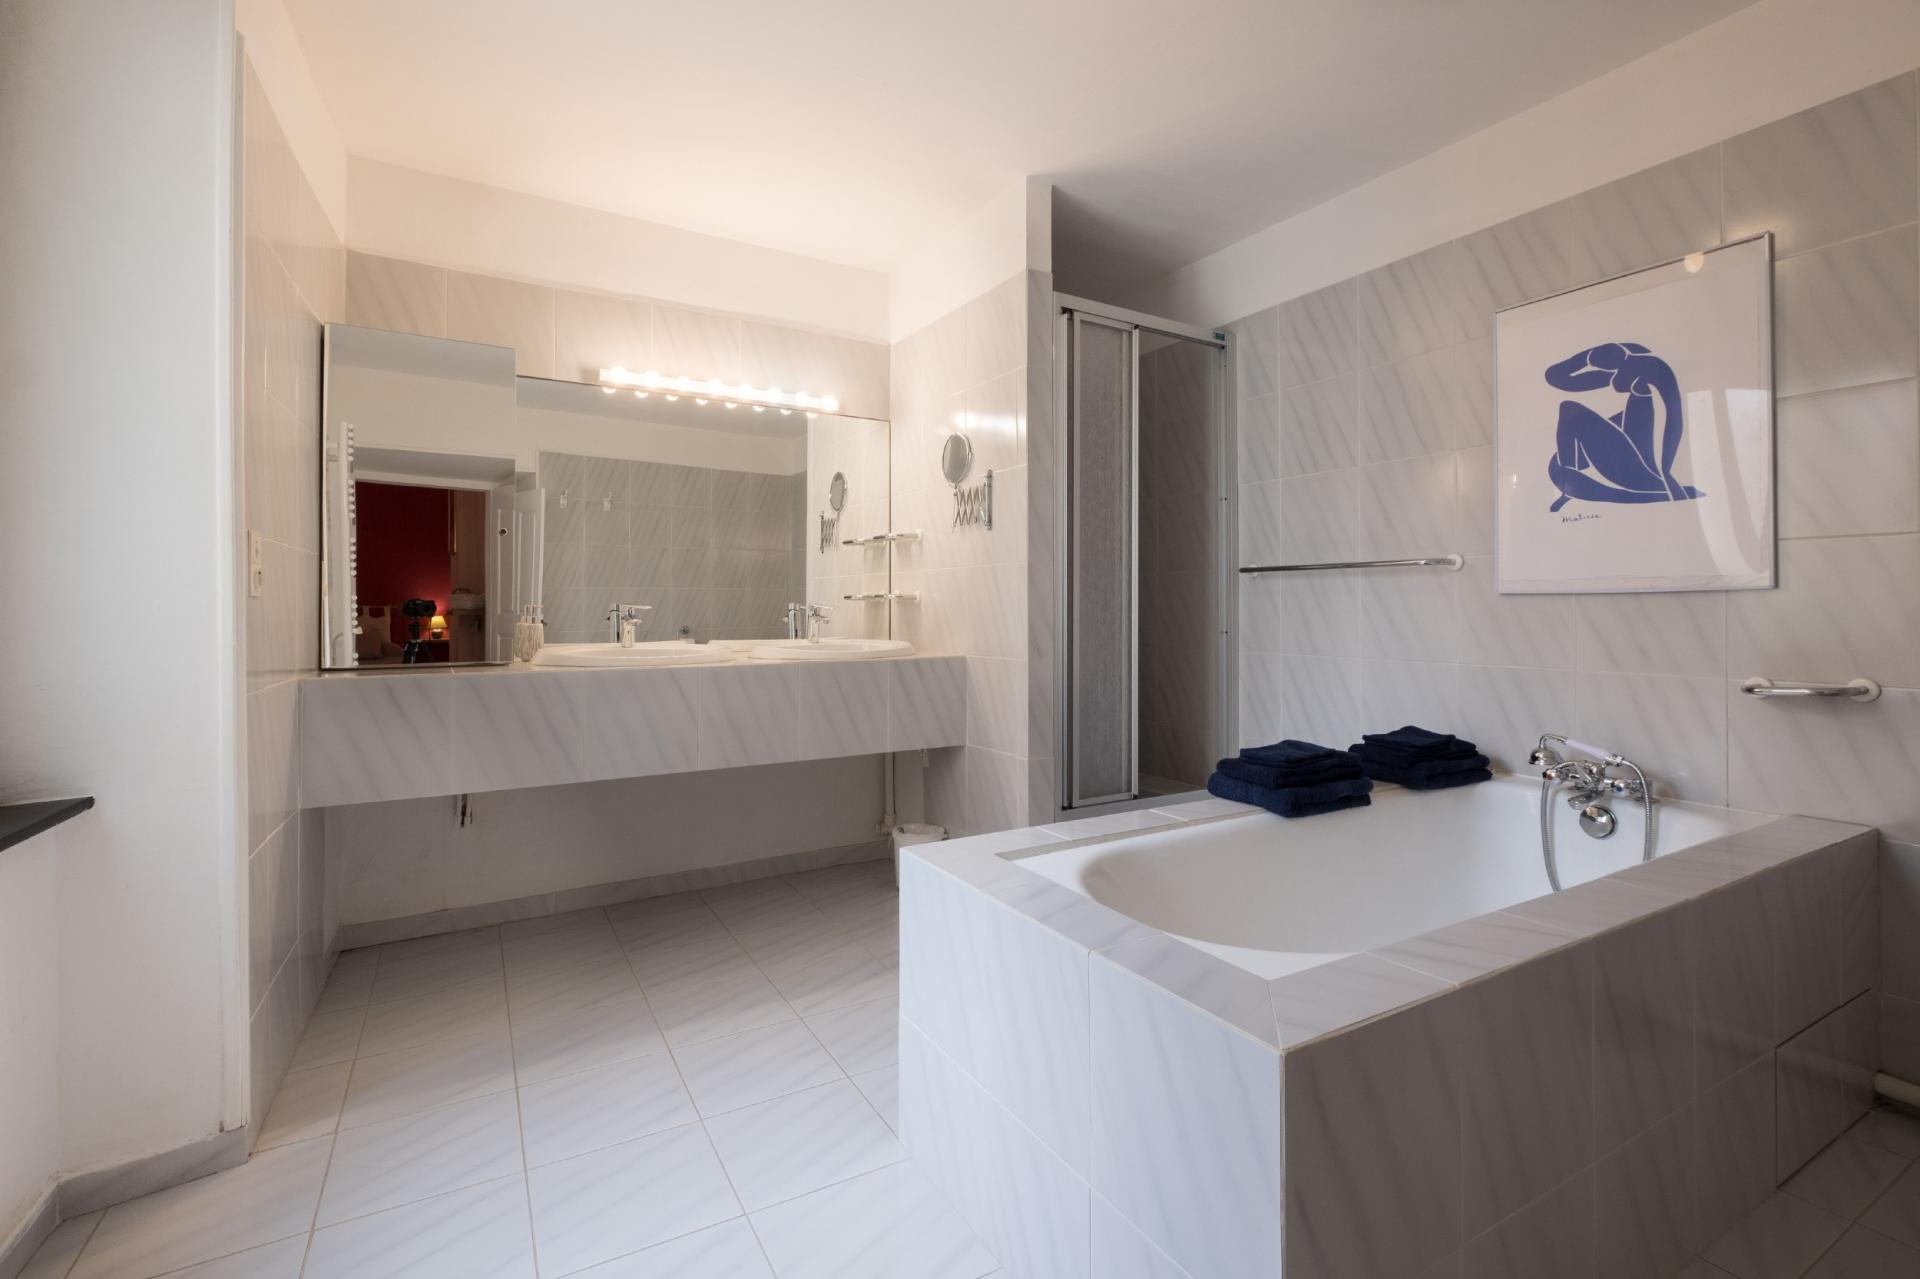 Salle de bains vasa 2 1606